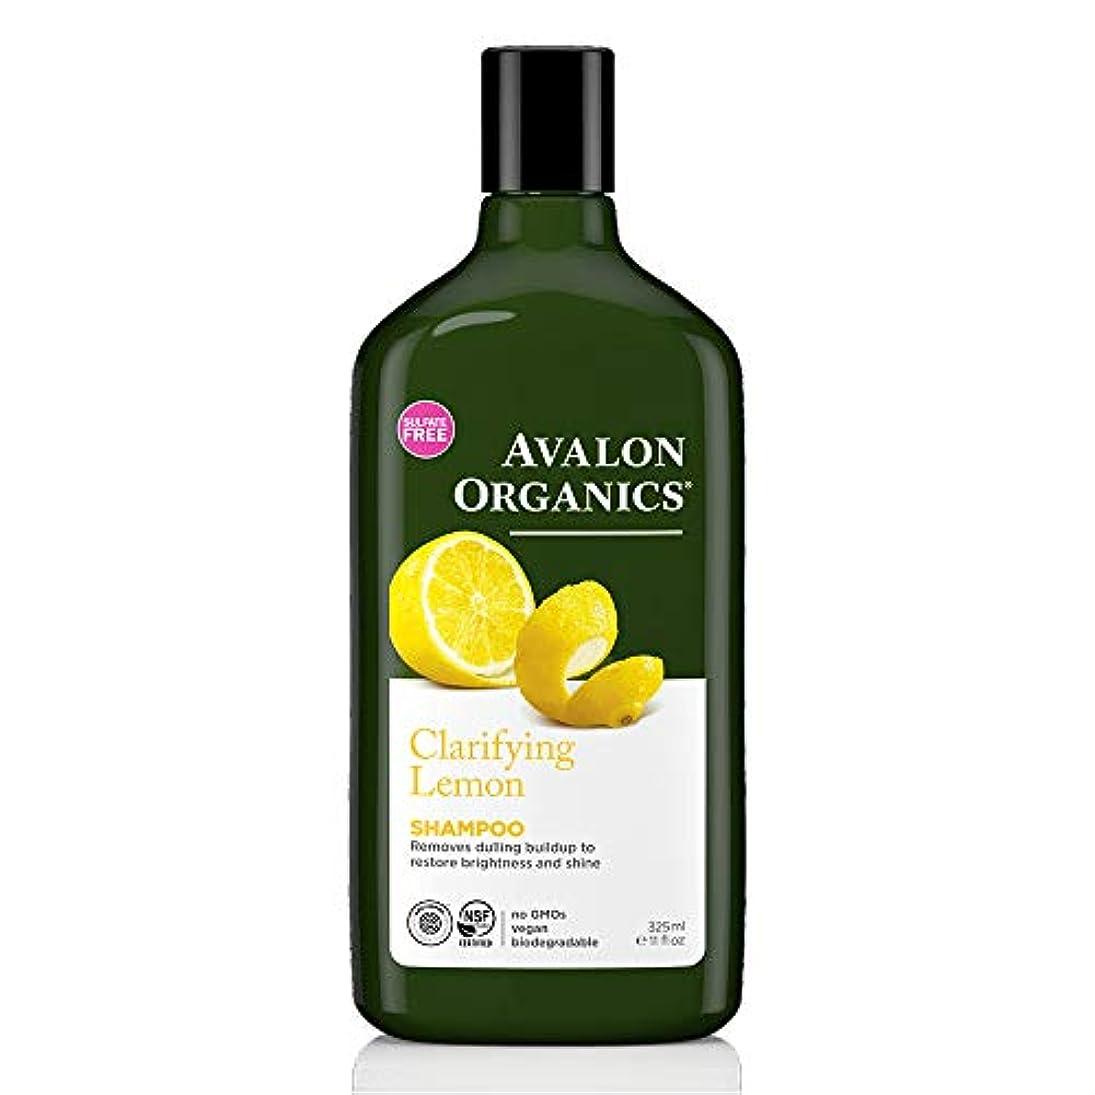 年齢きゅうり発揮するAVALON ORGANICS アバロンオーガニクス シャンプー レモン 325ml